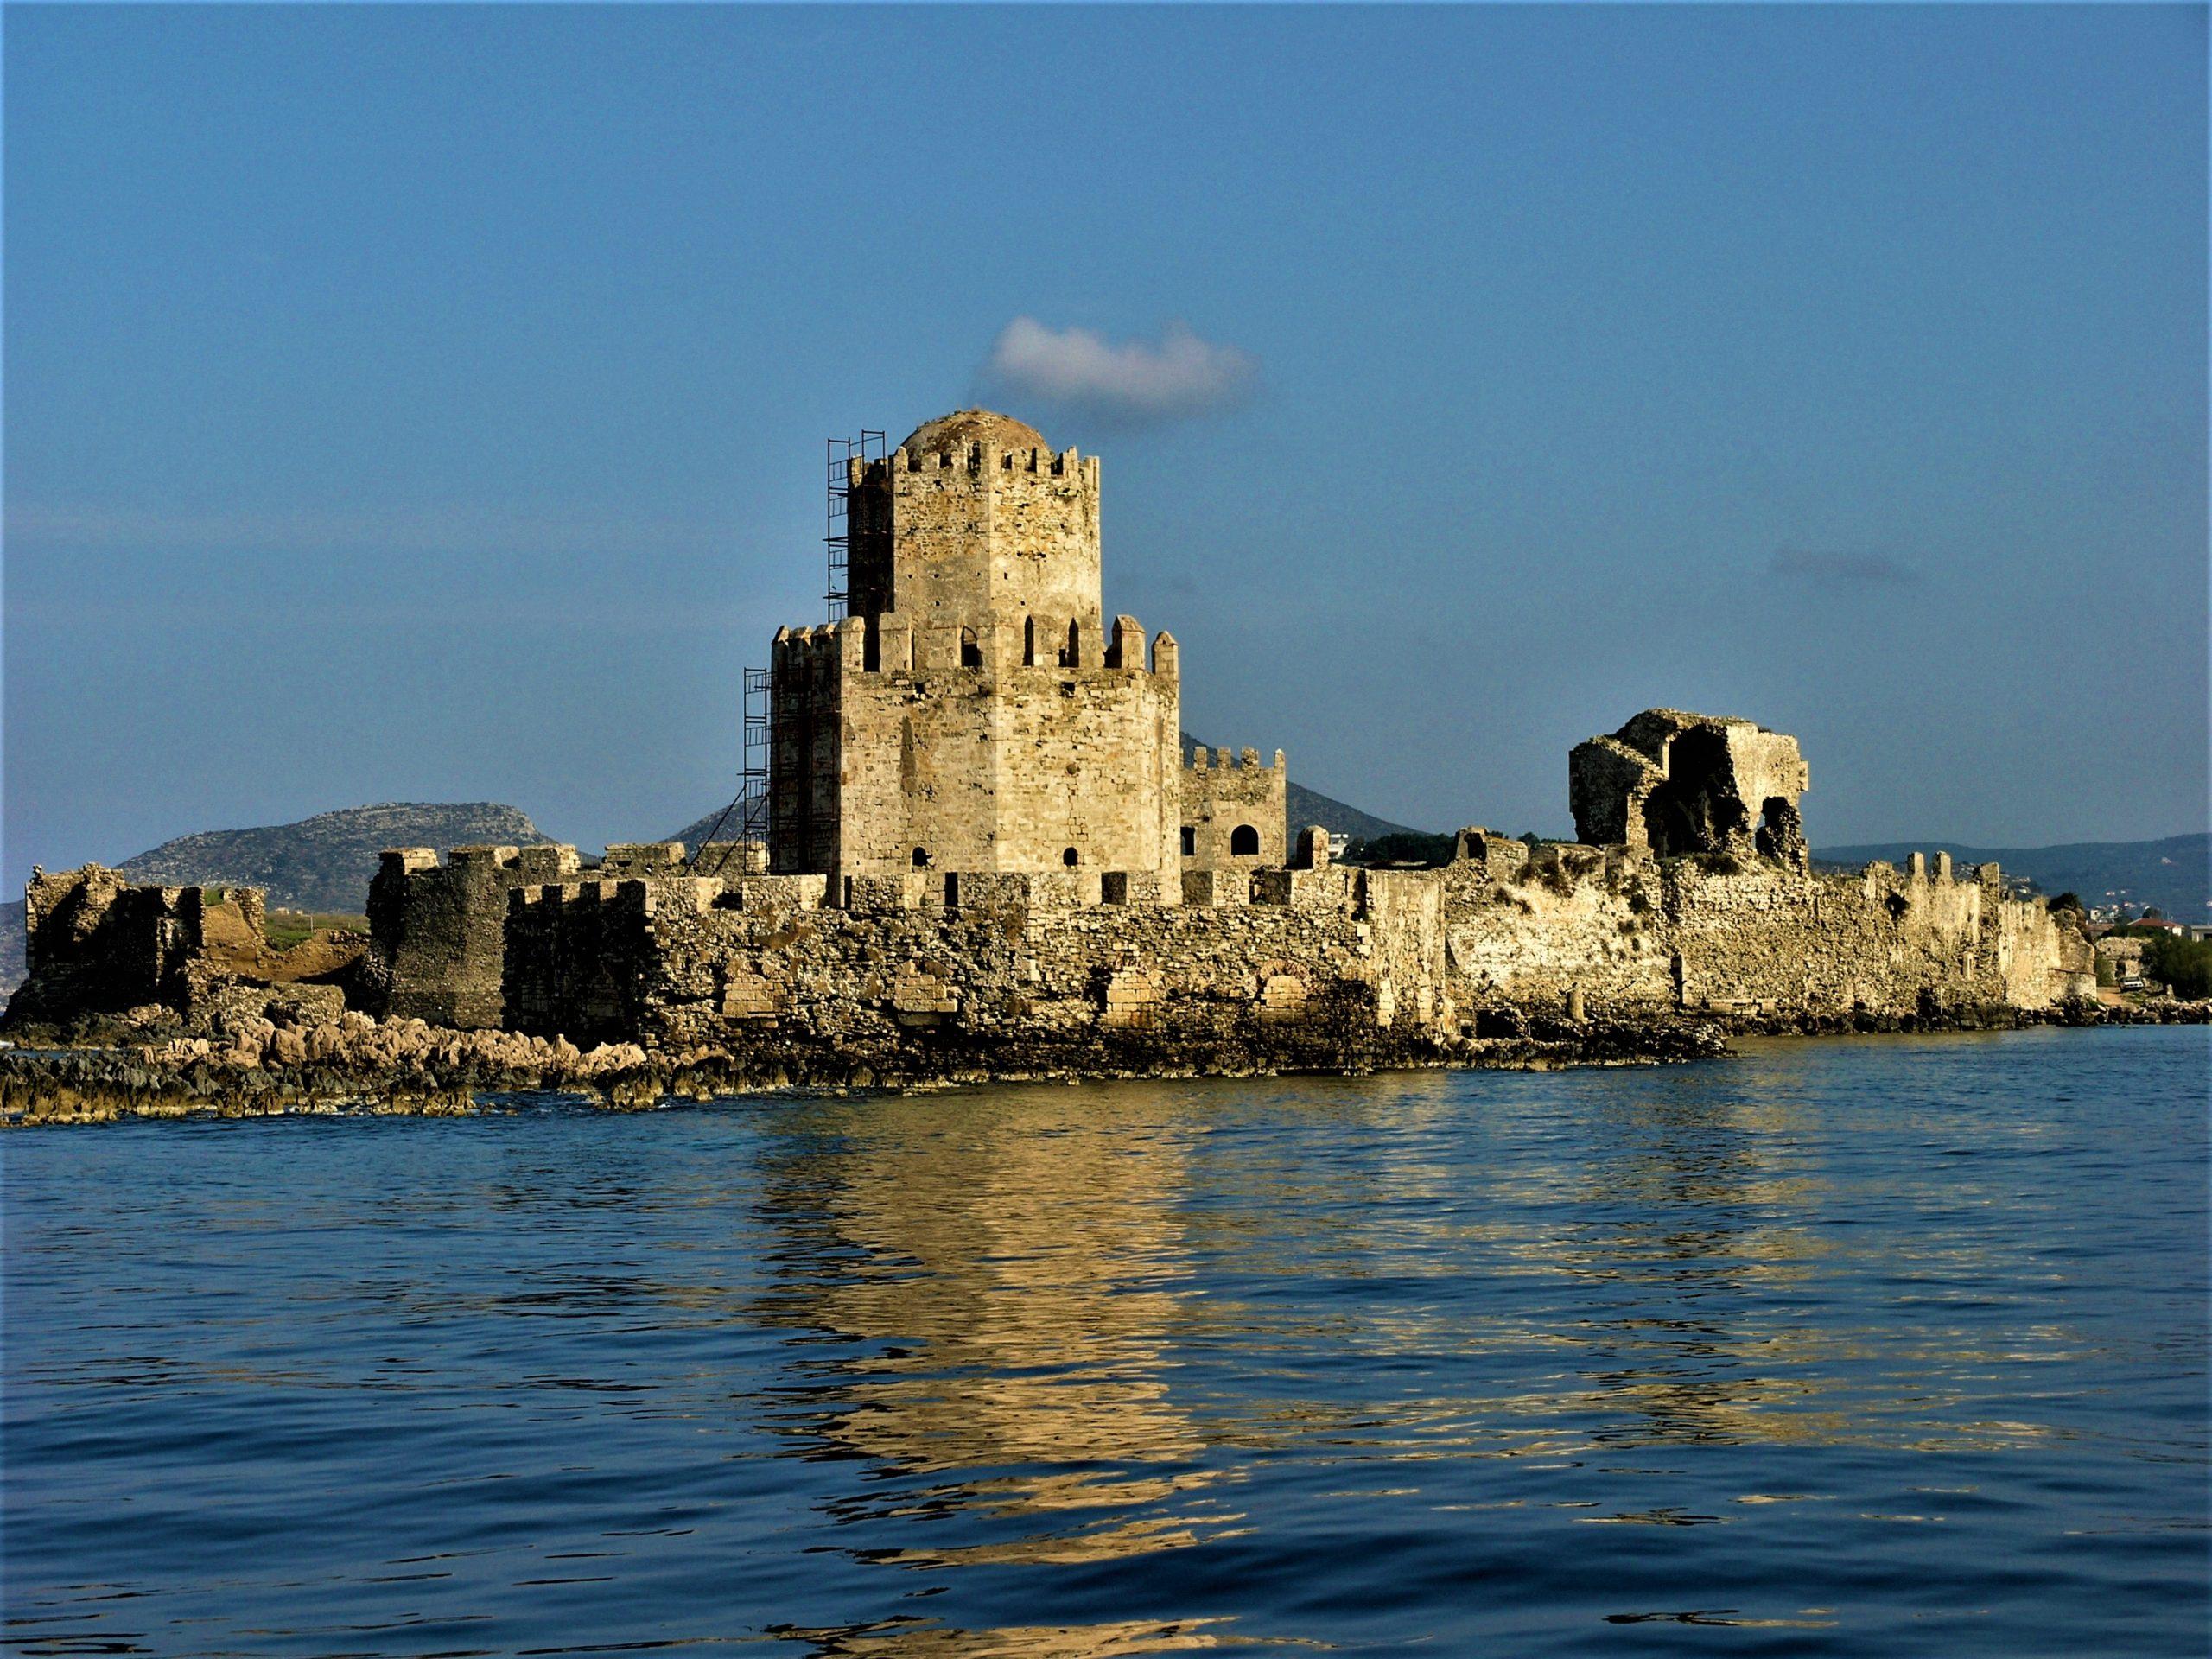 Μεθώνη, Κάστρο Μεθώνης, Πελοπόννησος, Γάμος Κουτρούλη, Μεσσηνία,